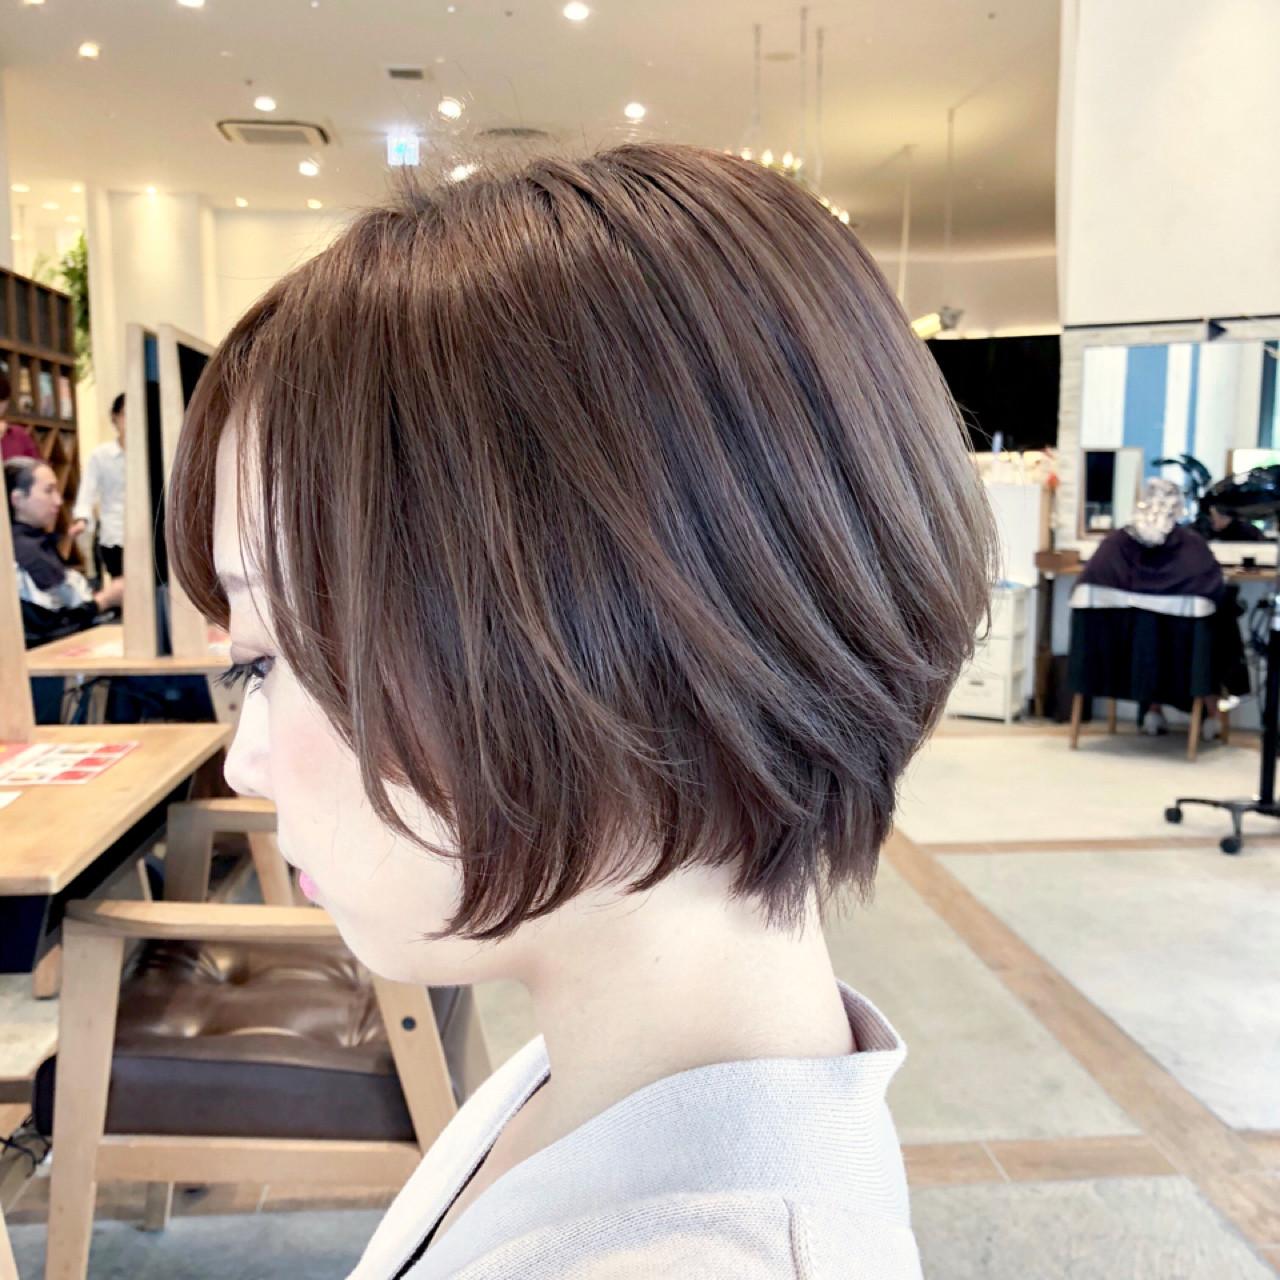 オフィス デート ナチュラル ヘアアレンジ ヘアスタイルや髪型の写真・画像 | お洒落ショート とかじしょうた GARDEN / NEUTRAL by GARDEN